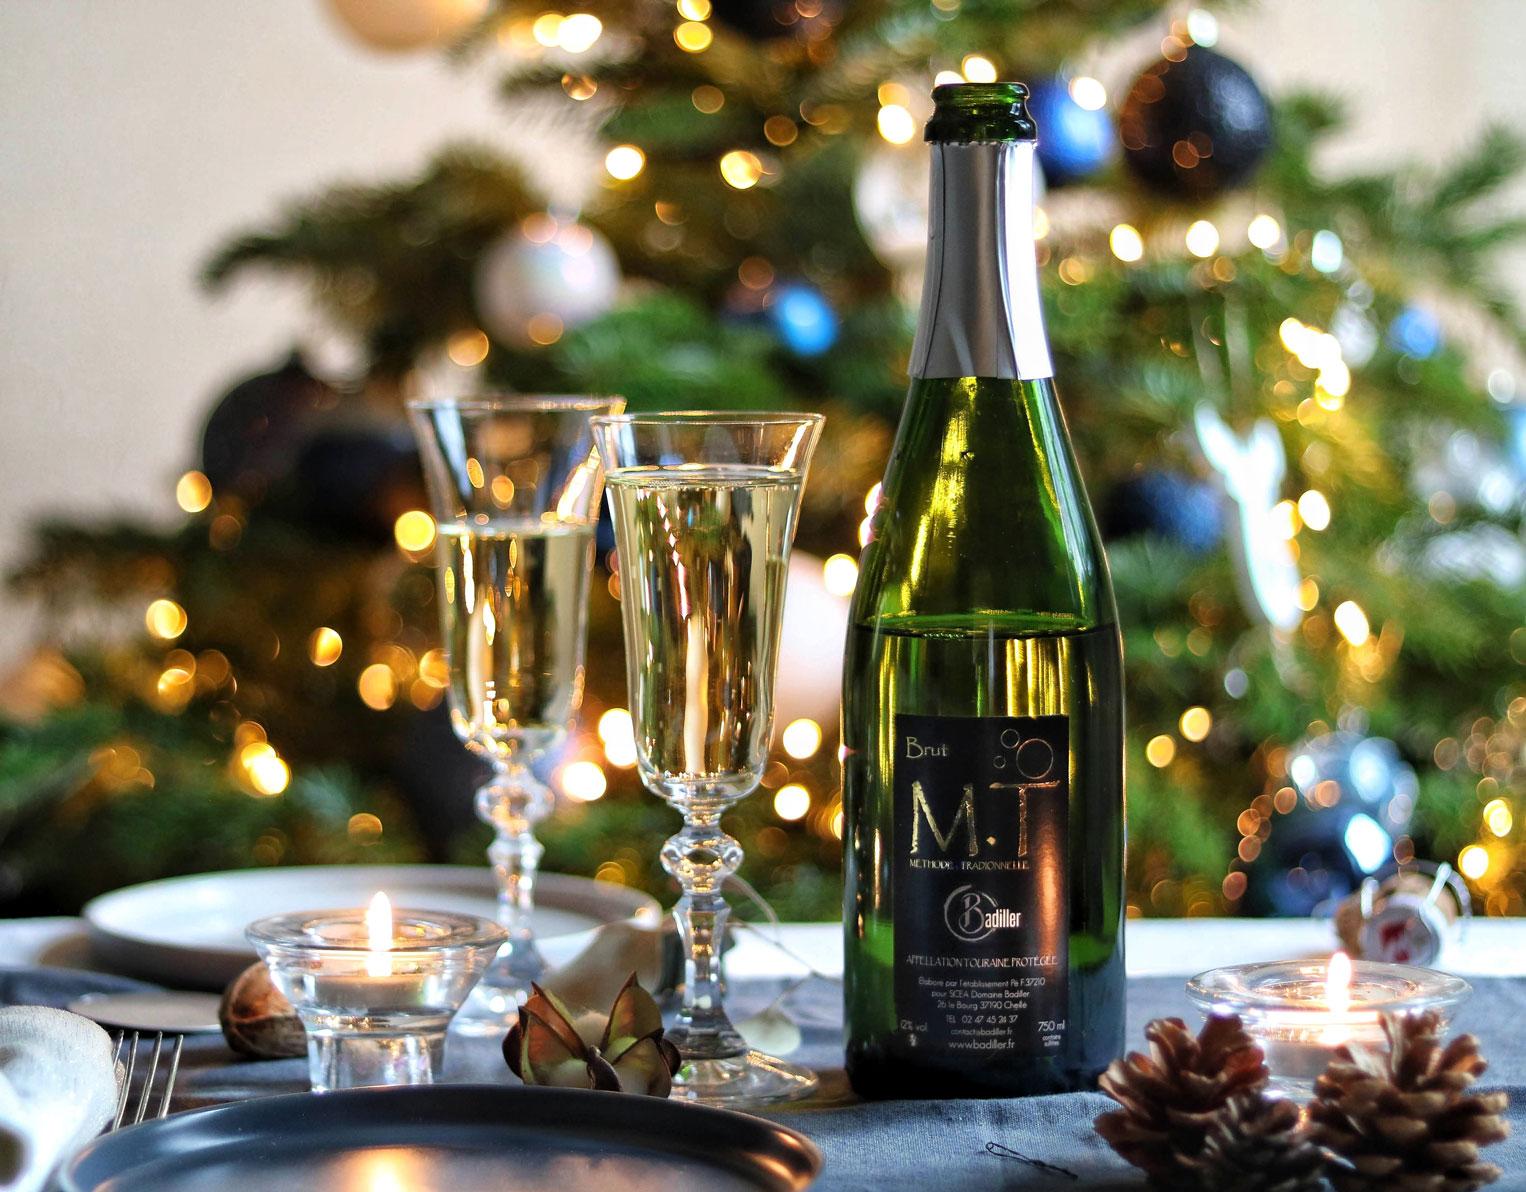 noel-vin-methode-traditonnelle-brut